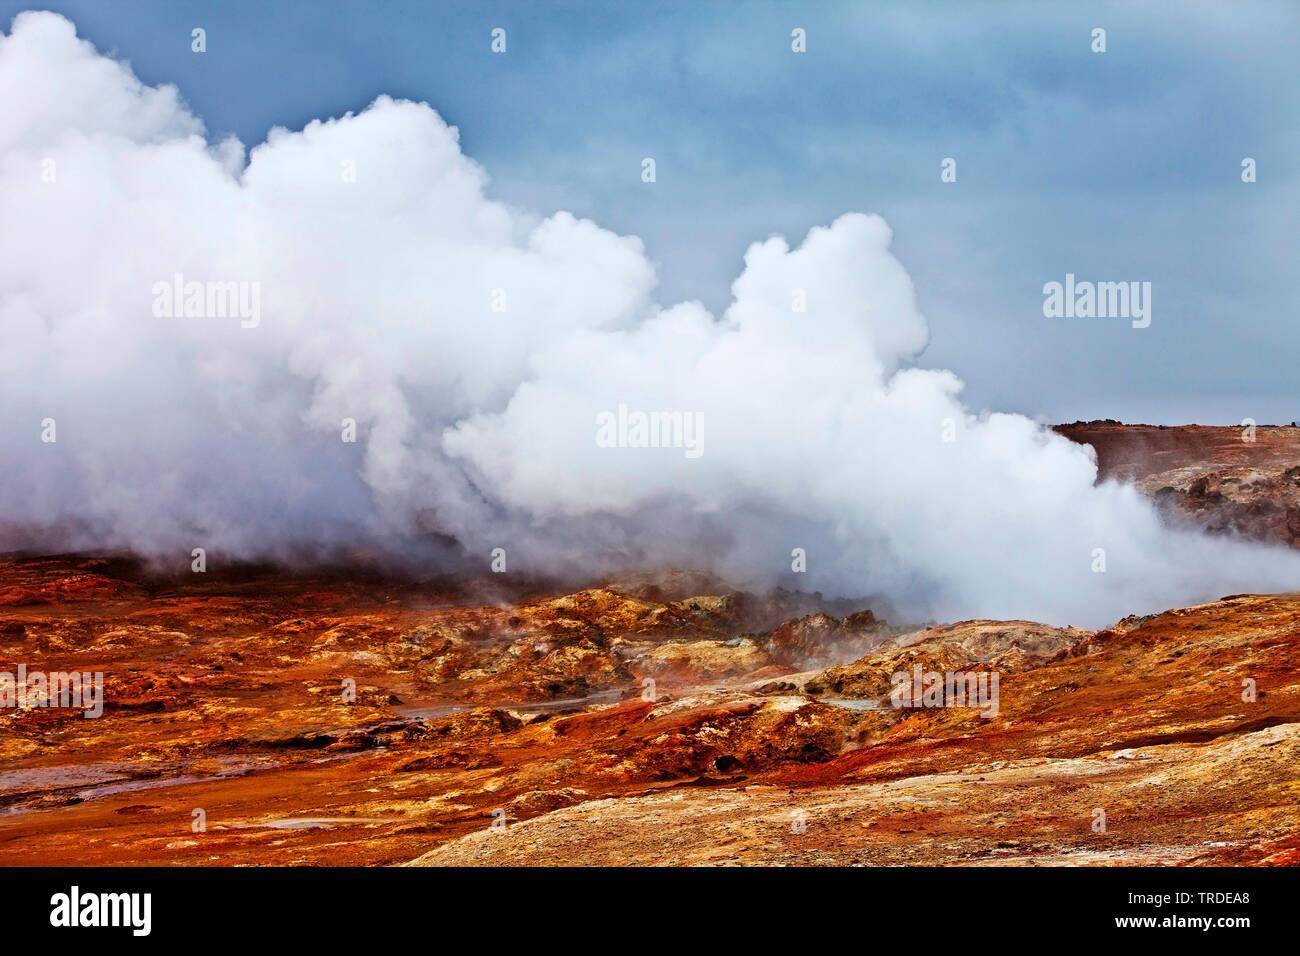 Wasserdampf im Hochtemperaturgebiet Gunnuhver, Island, Reykjanes-Halbinsel   steam clouds of high-temperature area Gunnuhver, Iceland, Reykjanes Penin - Stock Image